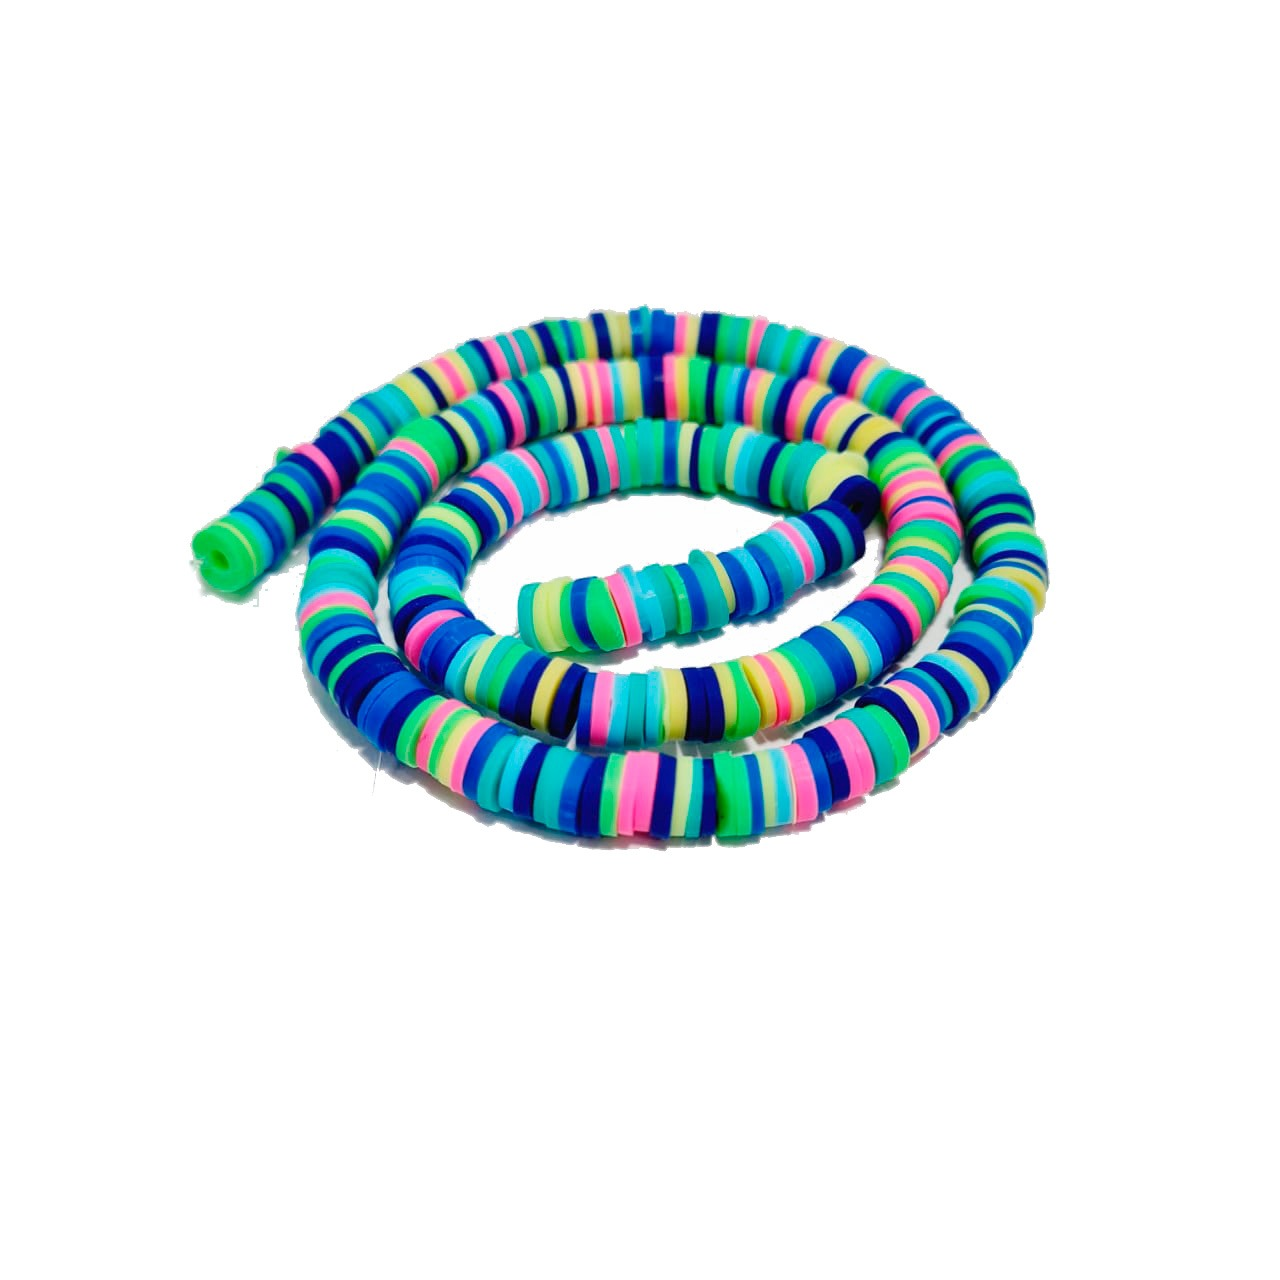 Fio de Fimo Multicor com Tons Neon, Azul , Verde. Amarelo, Pink e Roxo